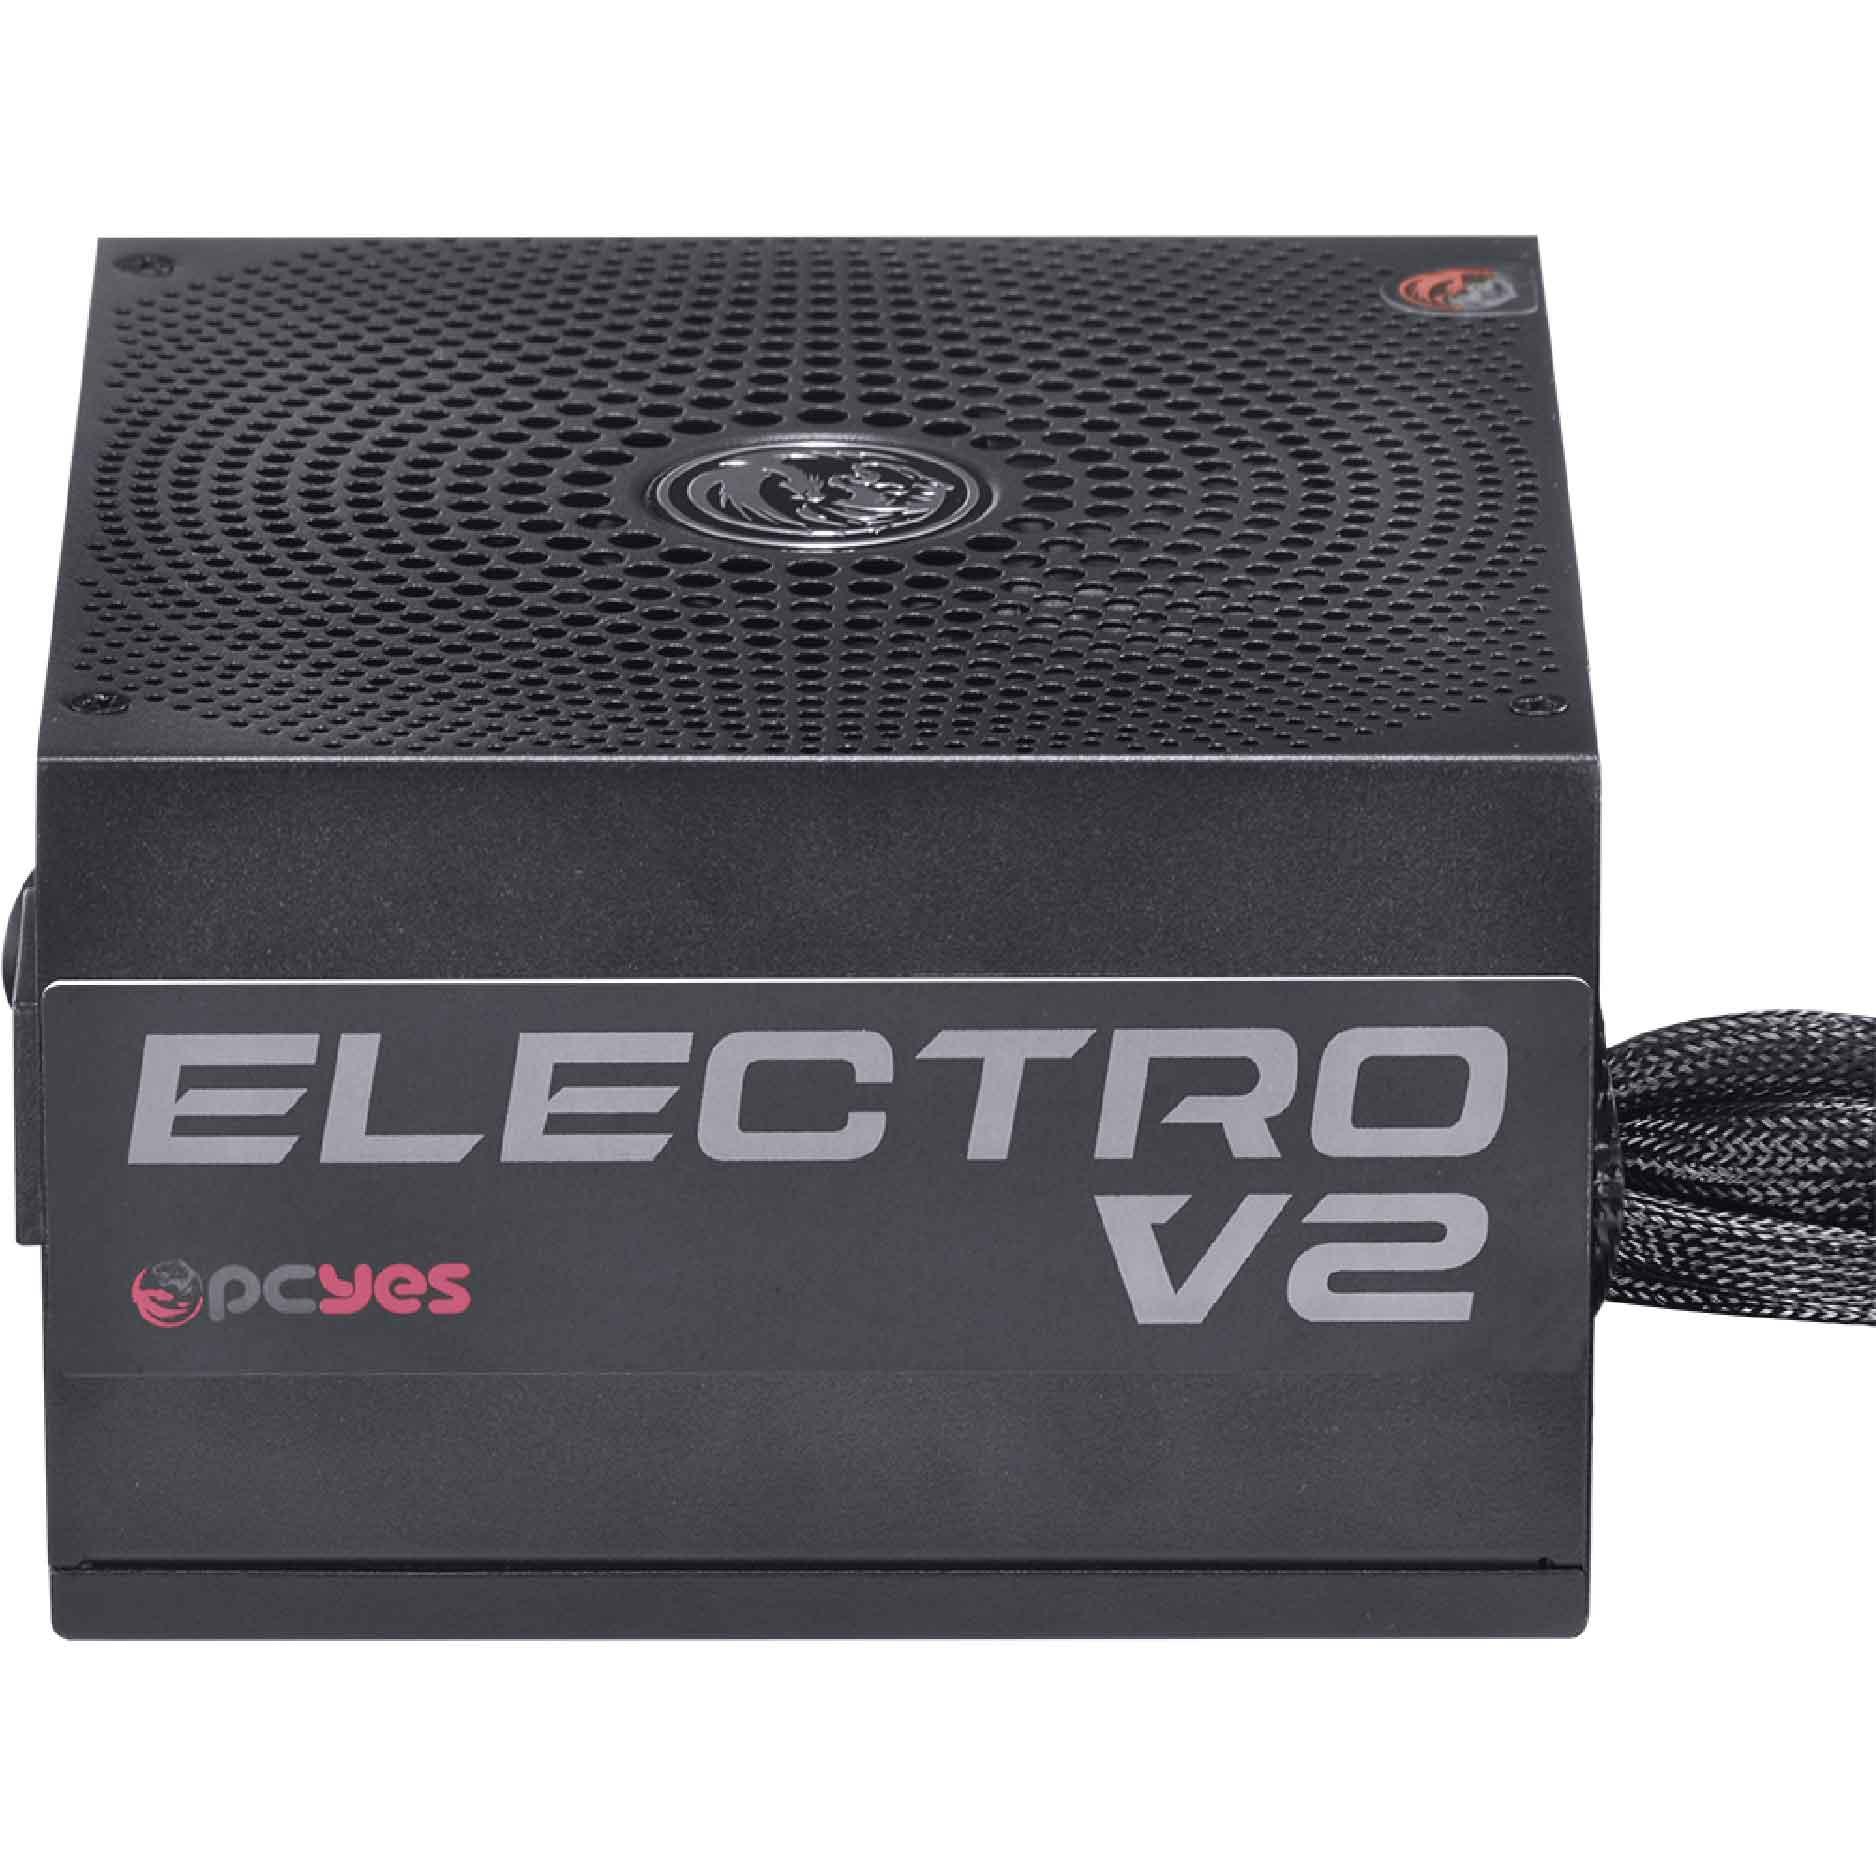 Fonte Pcyes 450w Electro V2 3 Anos de Garantia - 80 plus Bronze